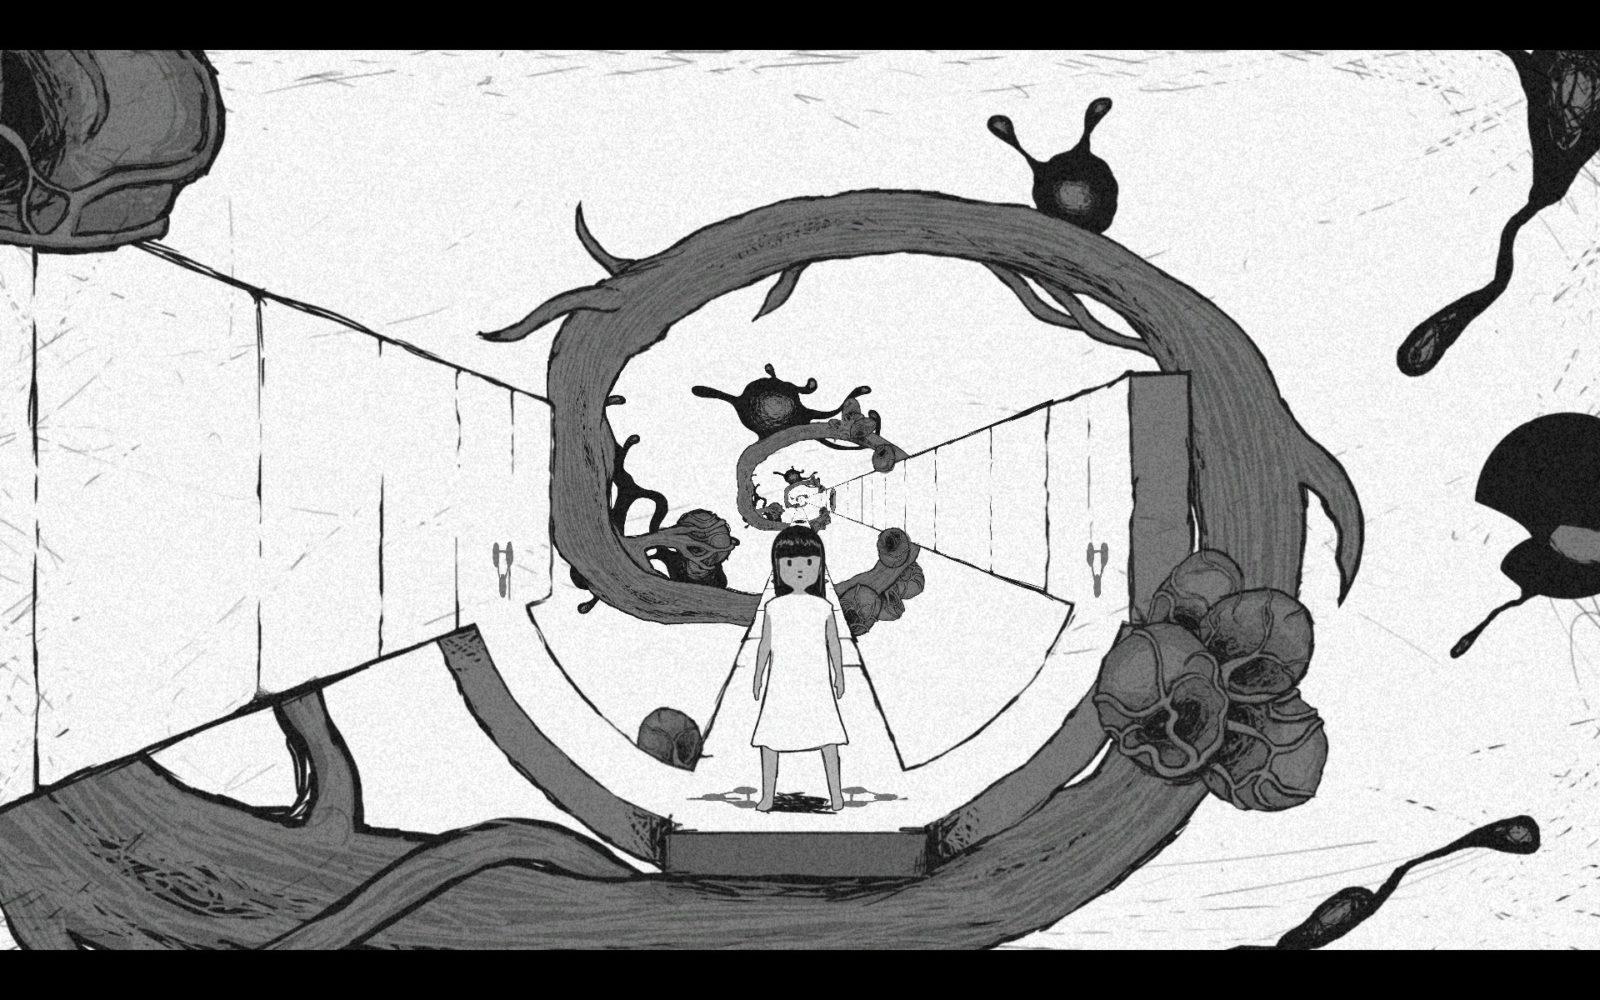 indigo.2018.pathtomnemosyne.devilishgames.ss (2)